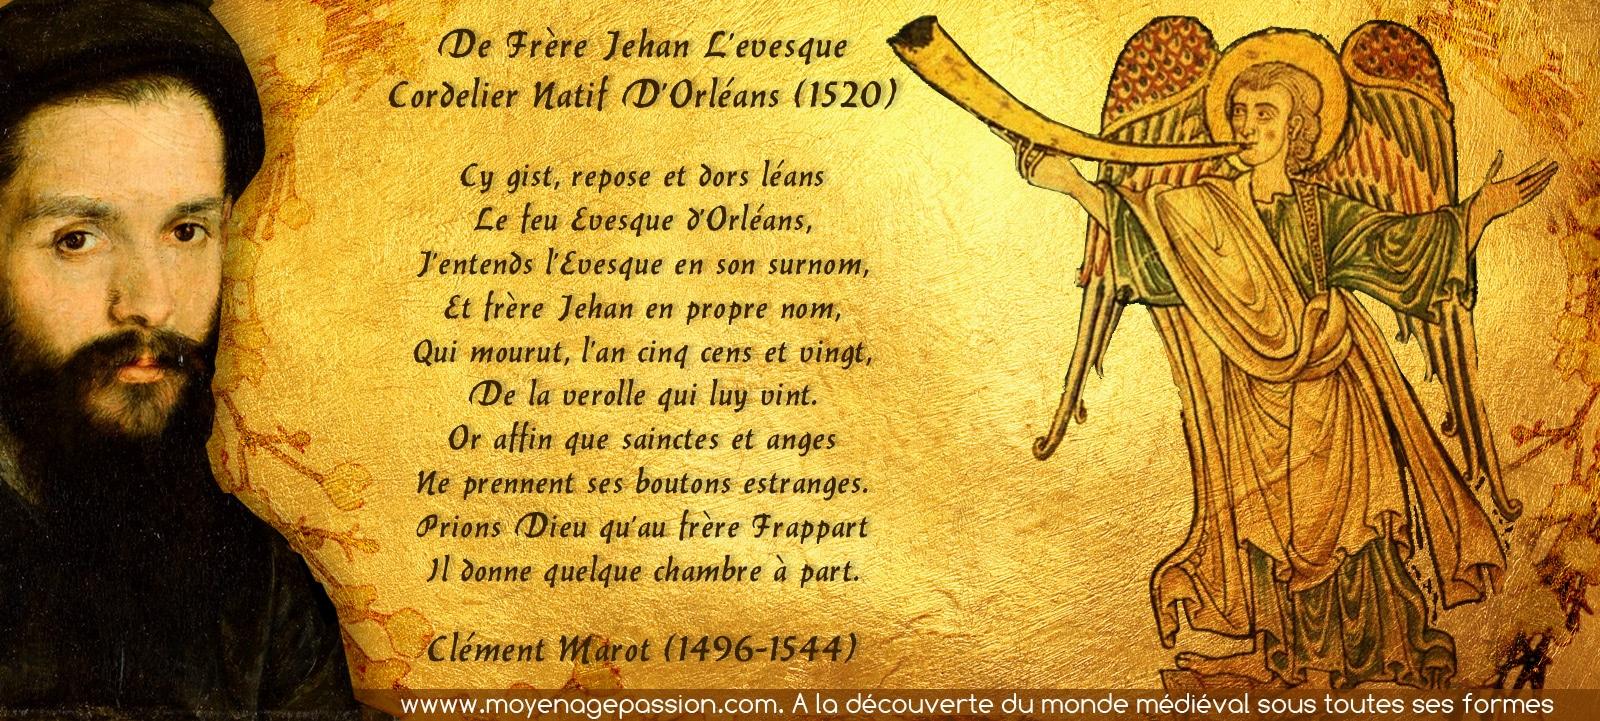 clement_marot_epitaphe_poesie_citation_medievale_satirique_humour_noir_moyen-age_tardif